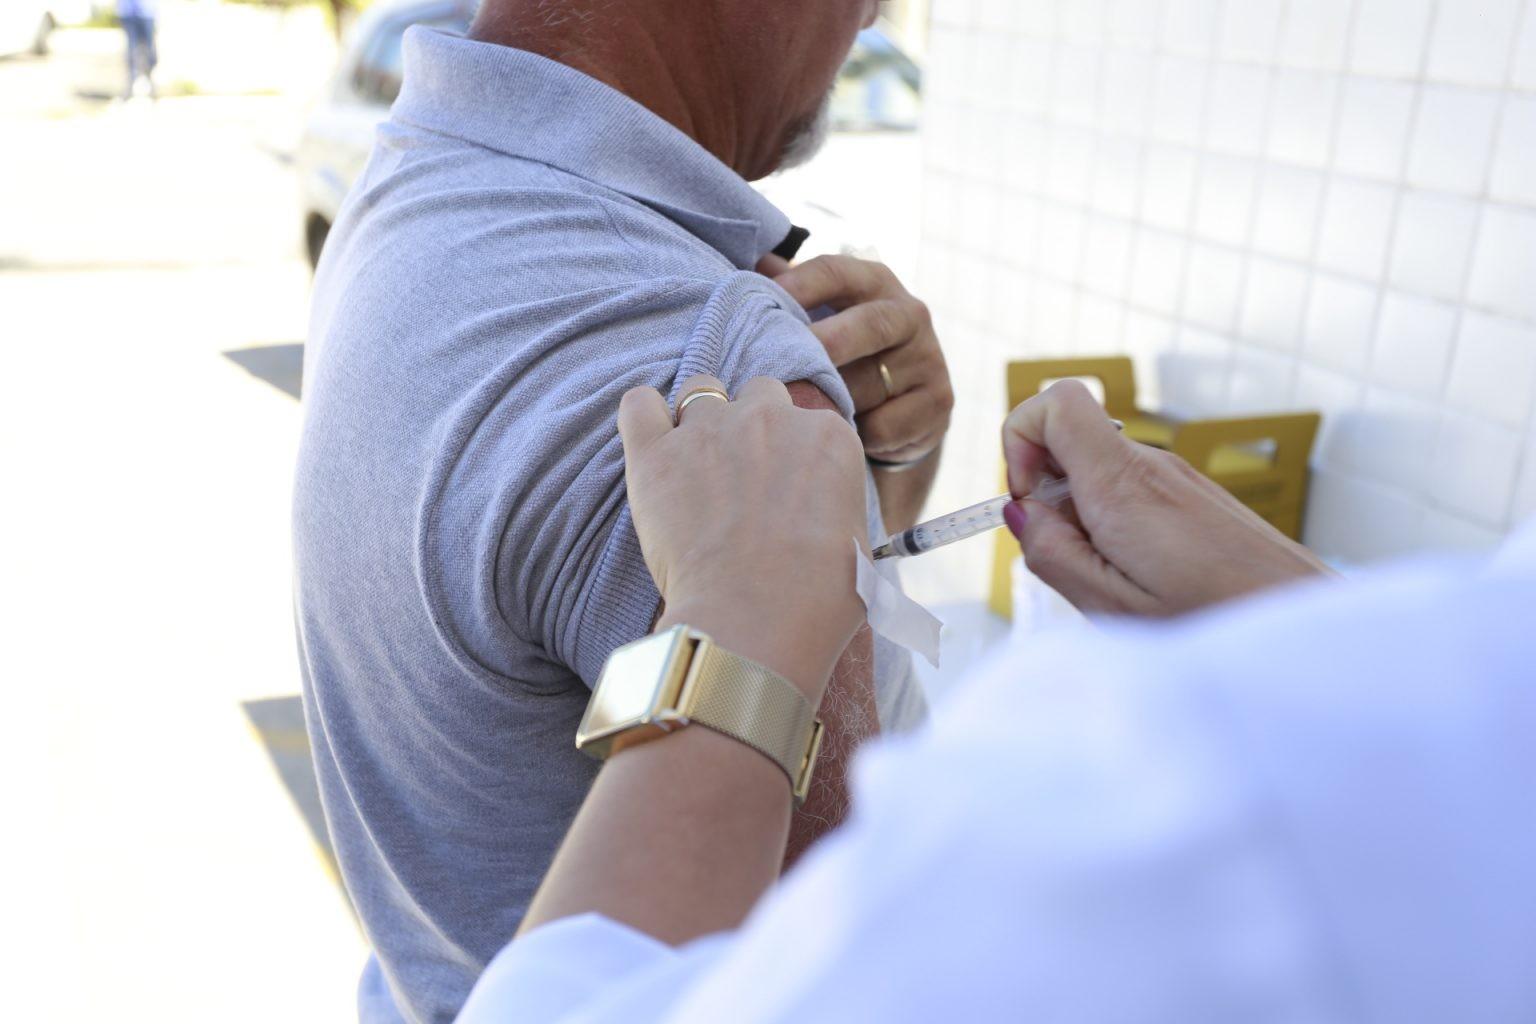 Seis cidades da Baixada Santista iniciam vacinação contra Covid-19 em pessoas com 50 anos